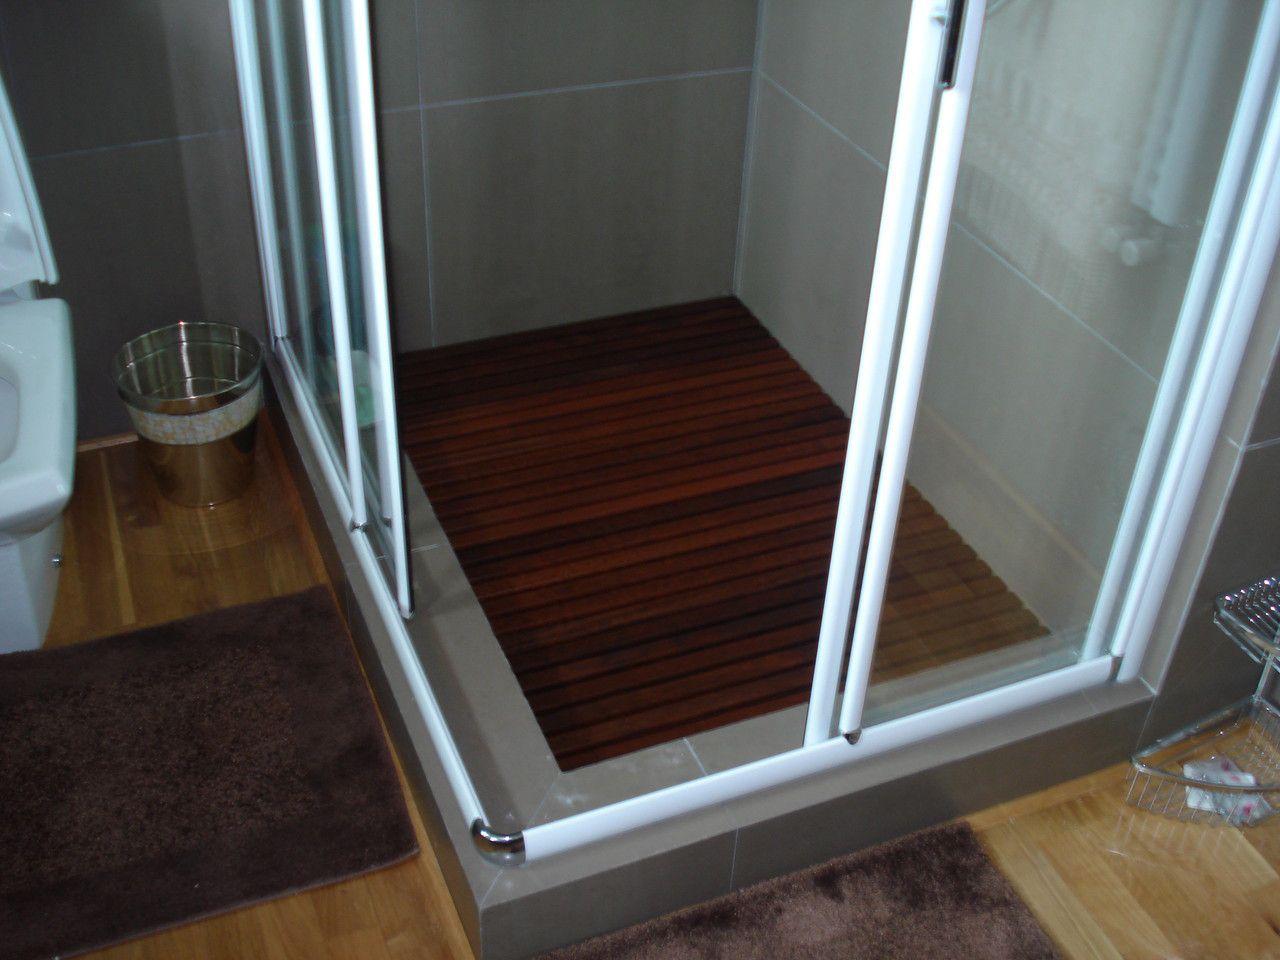 Deck De Madeira Chuveiro Box Banheiro Capacho 126x88 cm Pintado